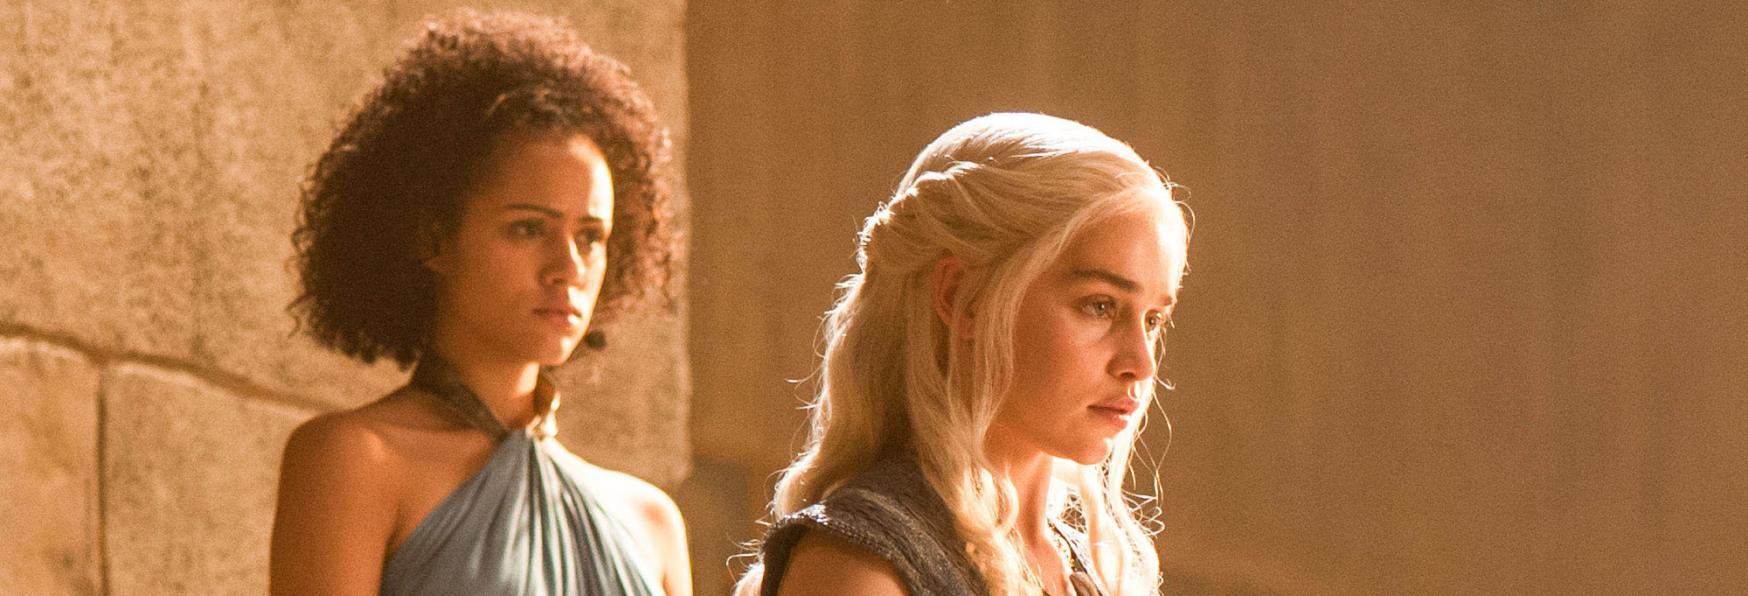 Il Trono di Spade: una Star della Serie TV commenta la Controversa Morte del suo Personaggio